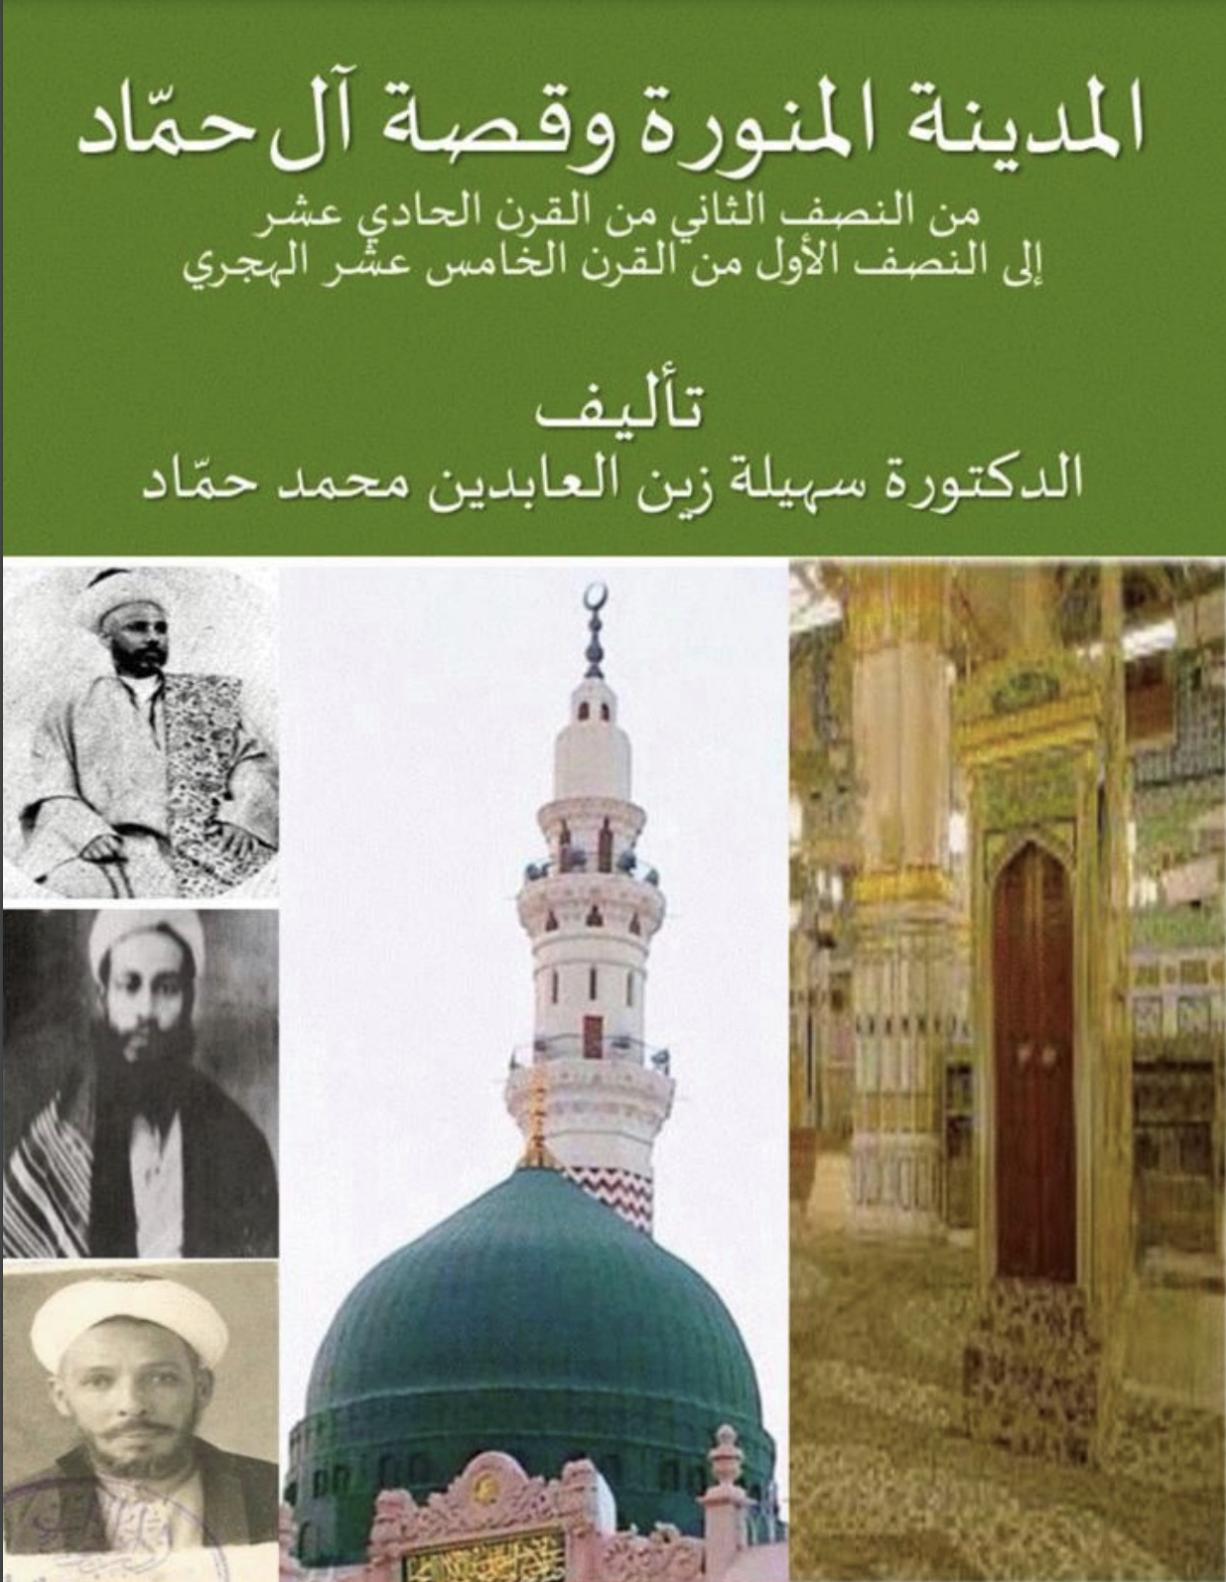 كتاب المدينة المنورة وقصة آل حماد